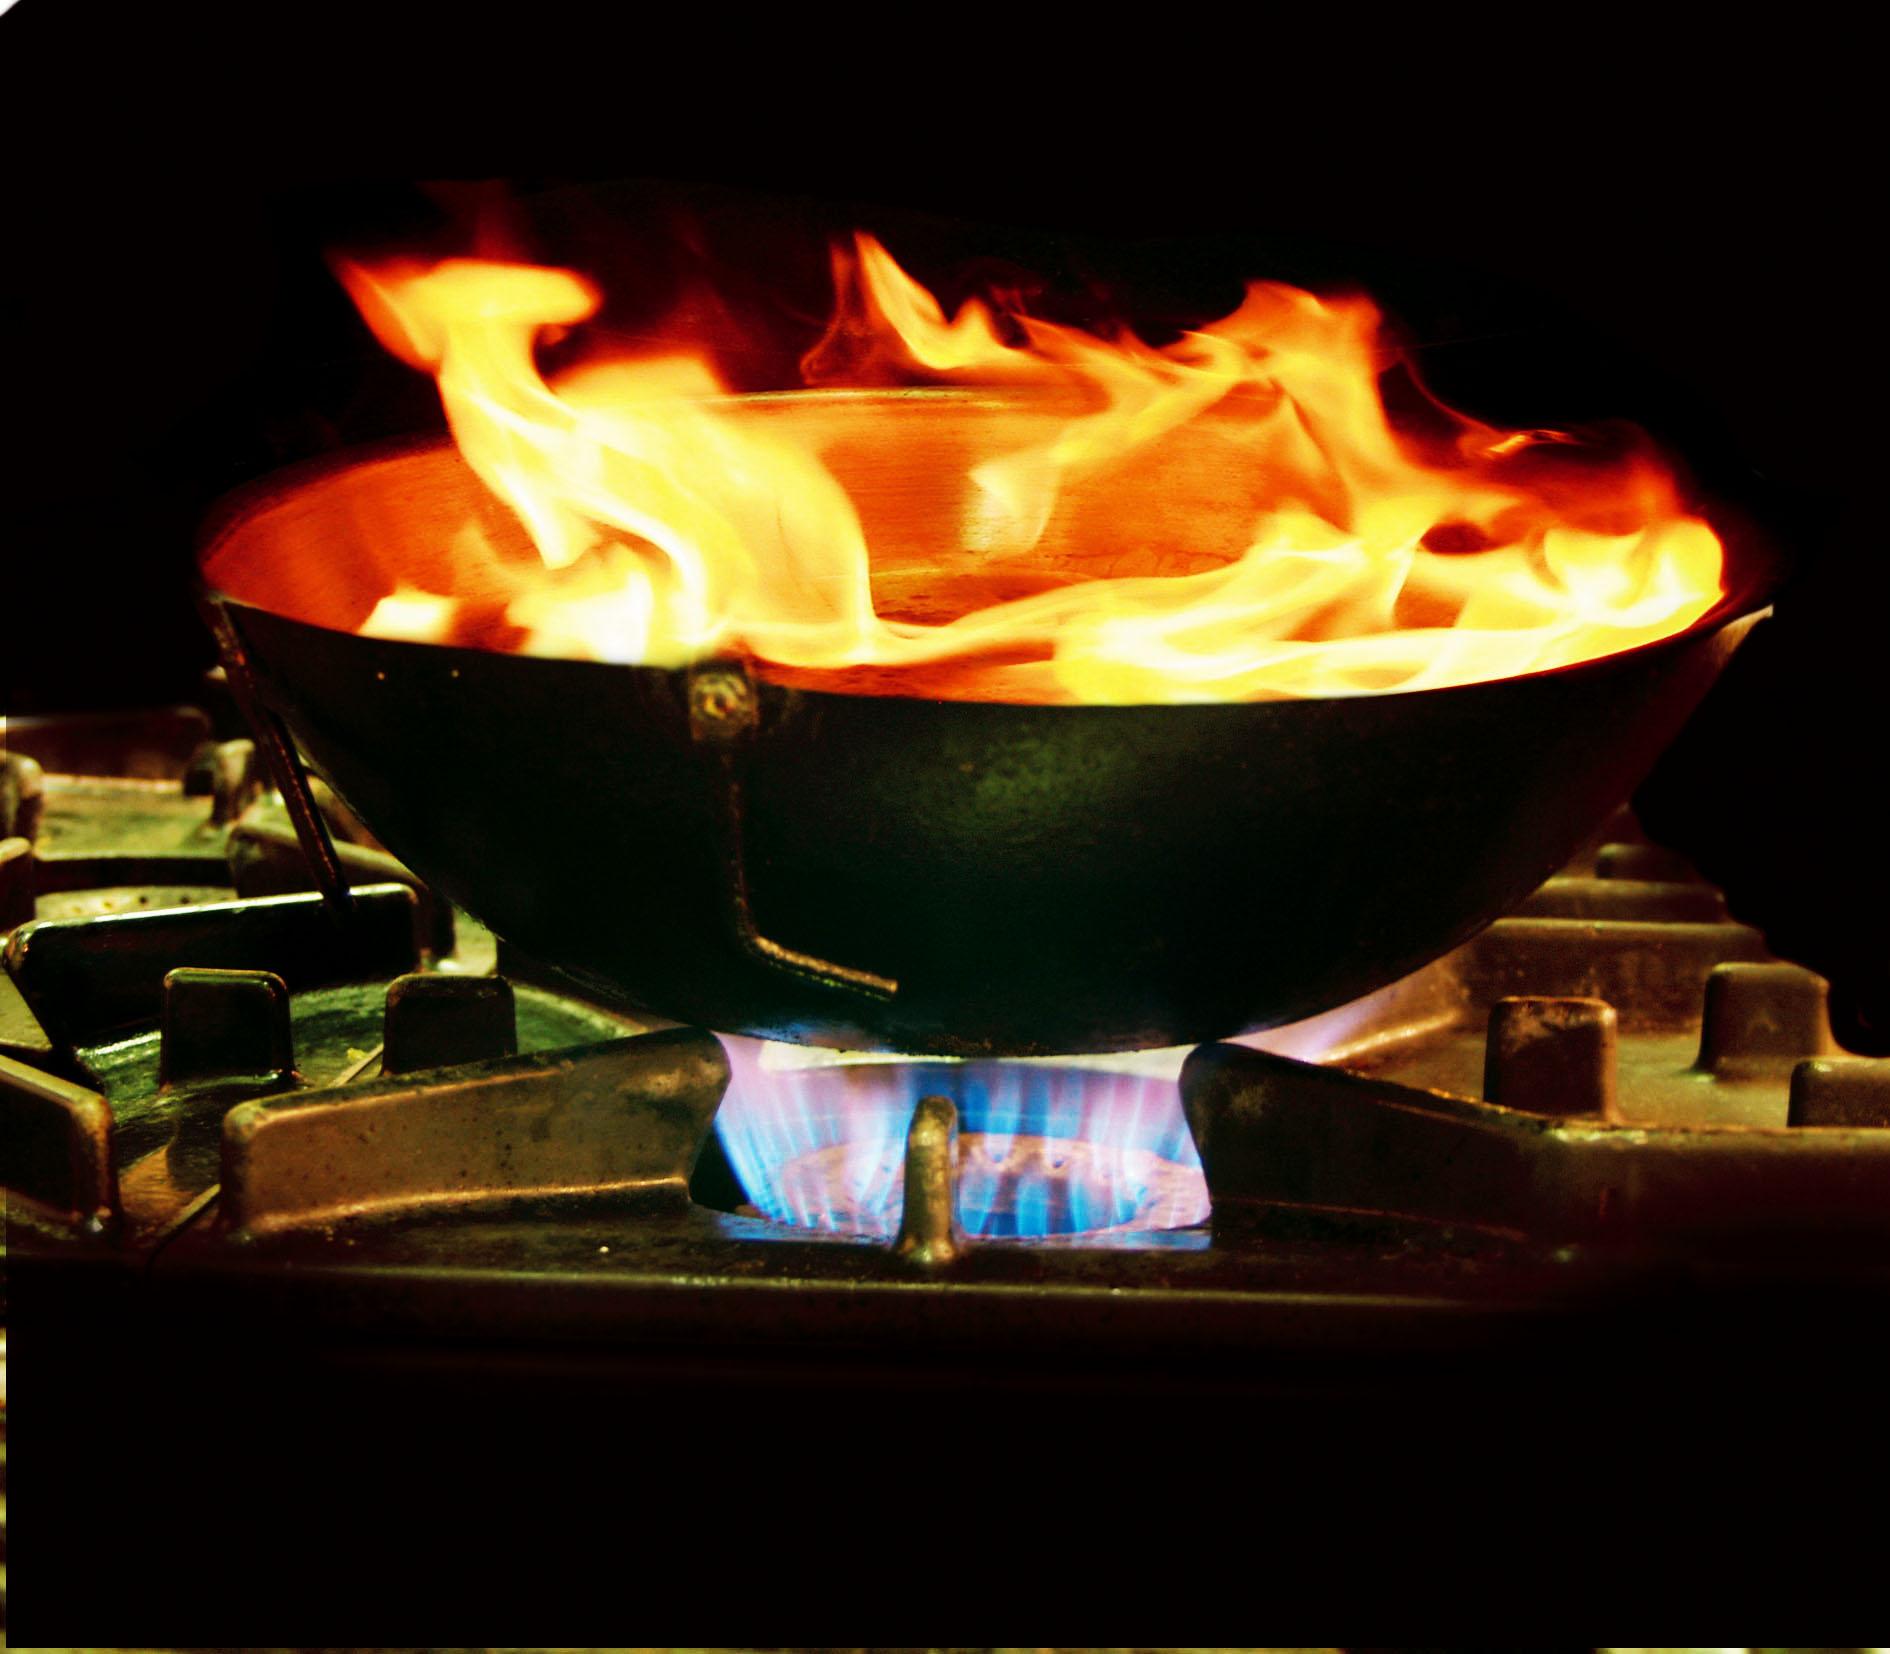 Porady Kulinarne Niezbędnik Chińskiej Kuchni Przepisy